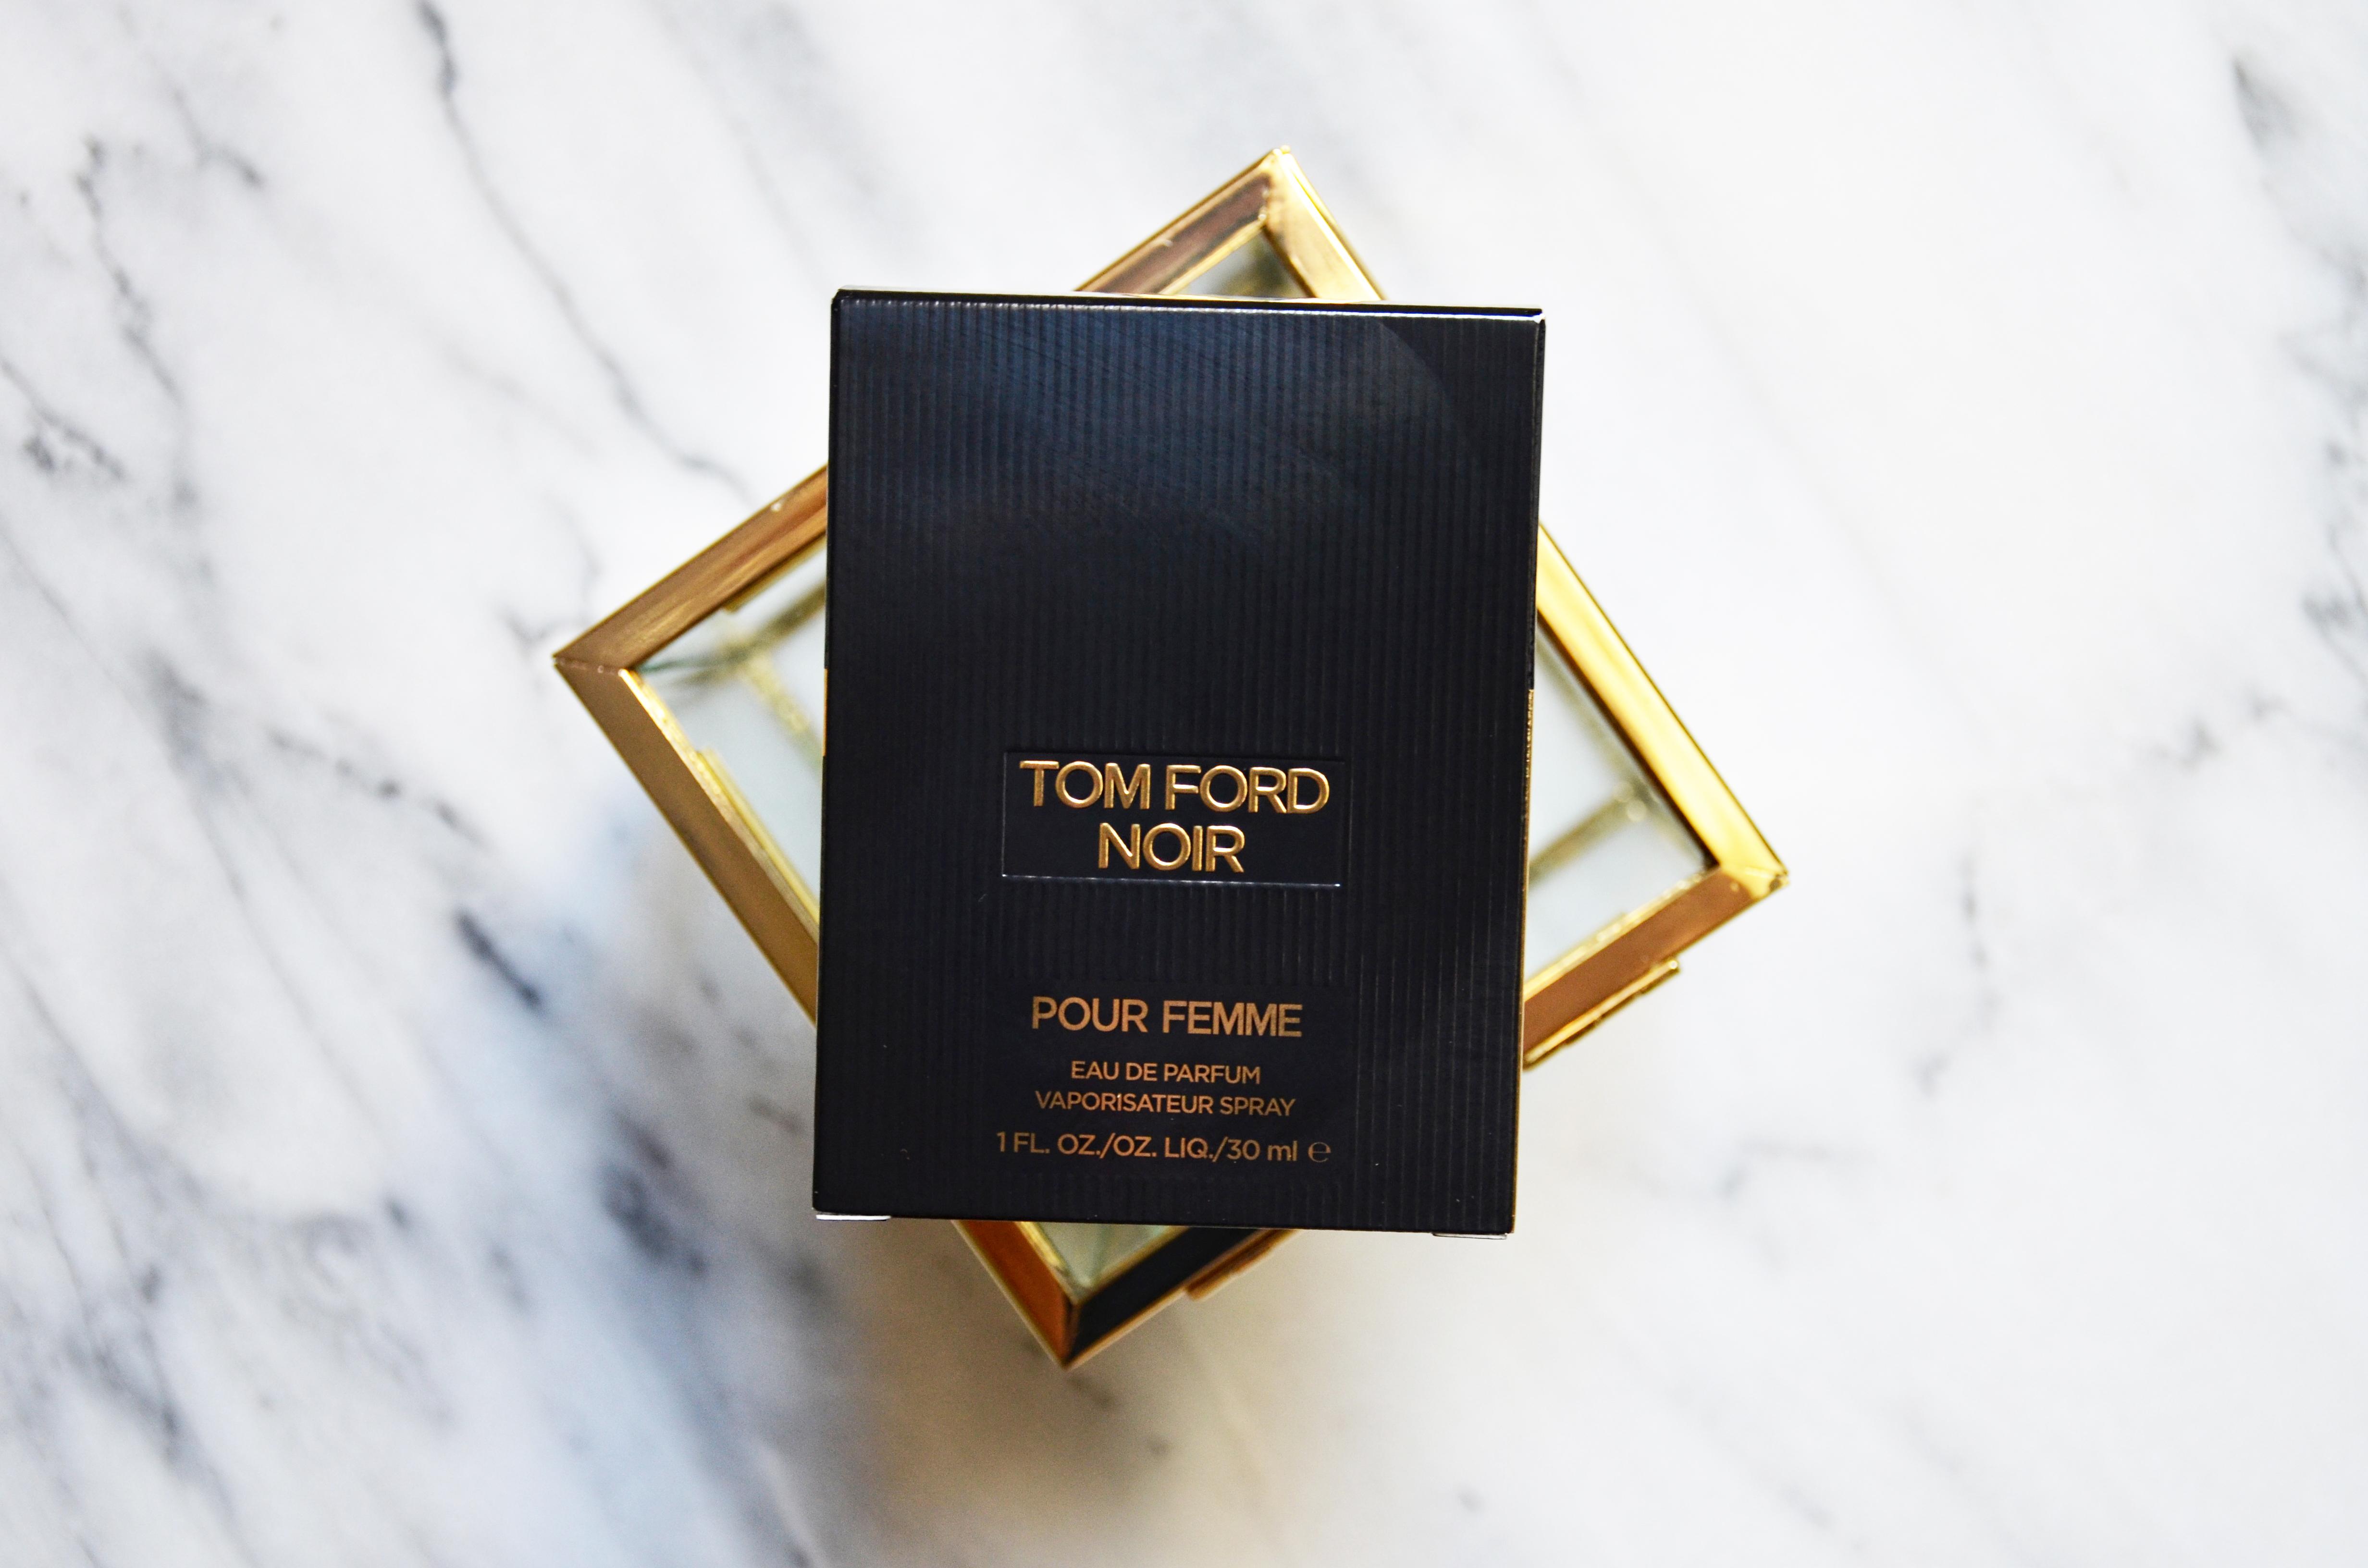 tom ford noir pour femme makeup sessions. Black Bedroom Furniture Sets. Home Design Ideas